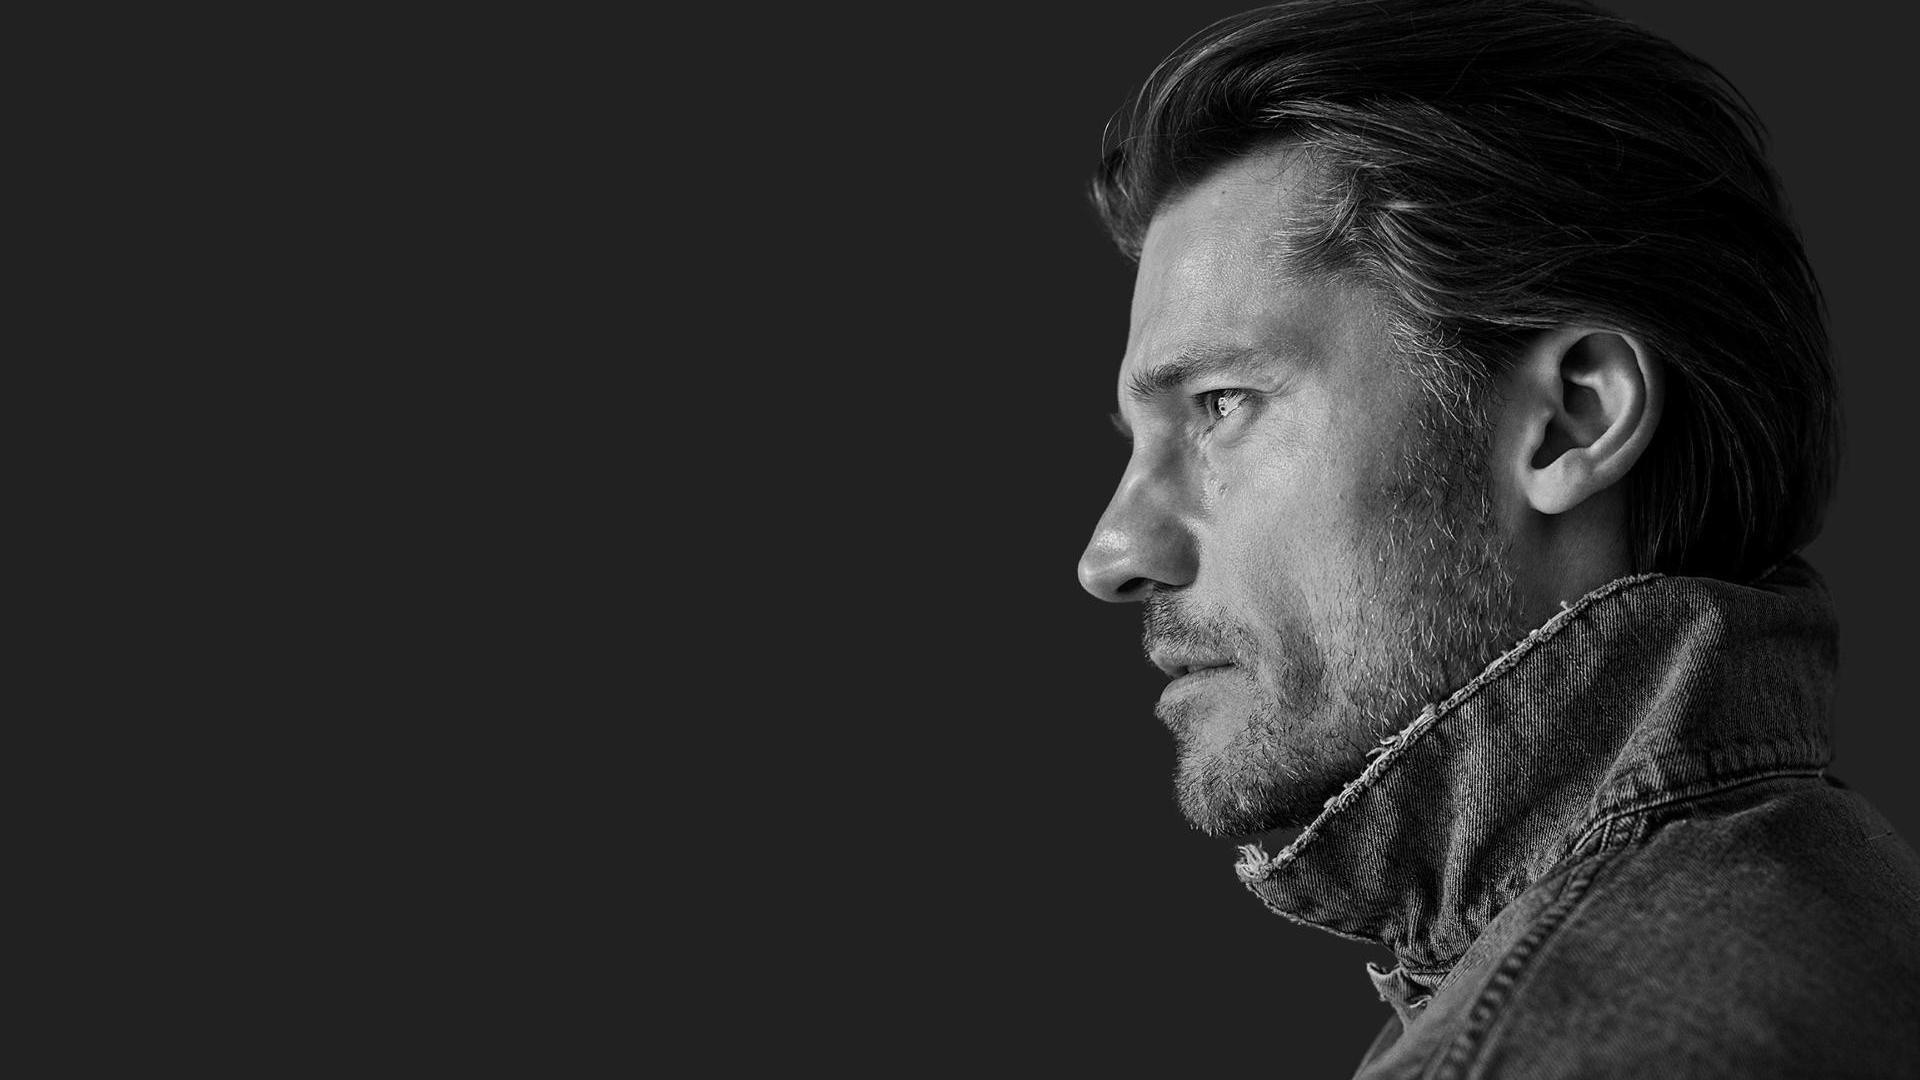 Game Of Thrones Nikolaj Coster Waldau Jamie Lannister Wallpaper